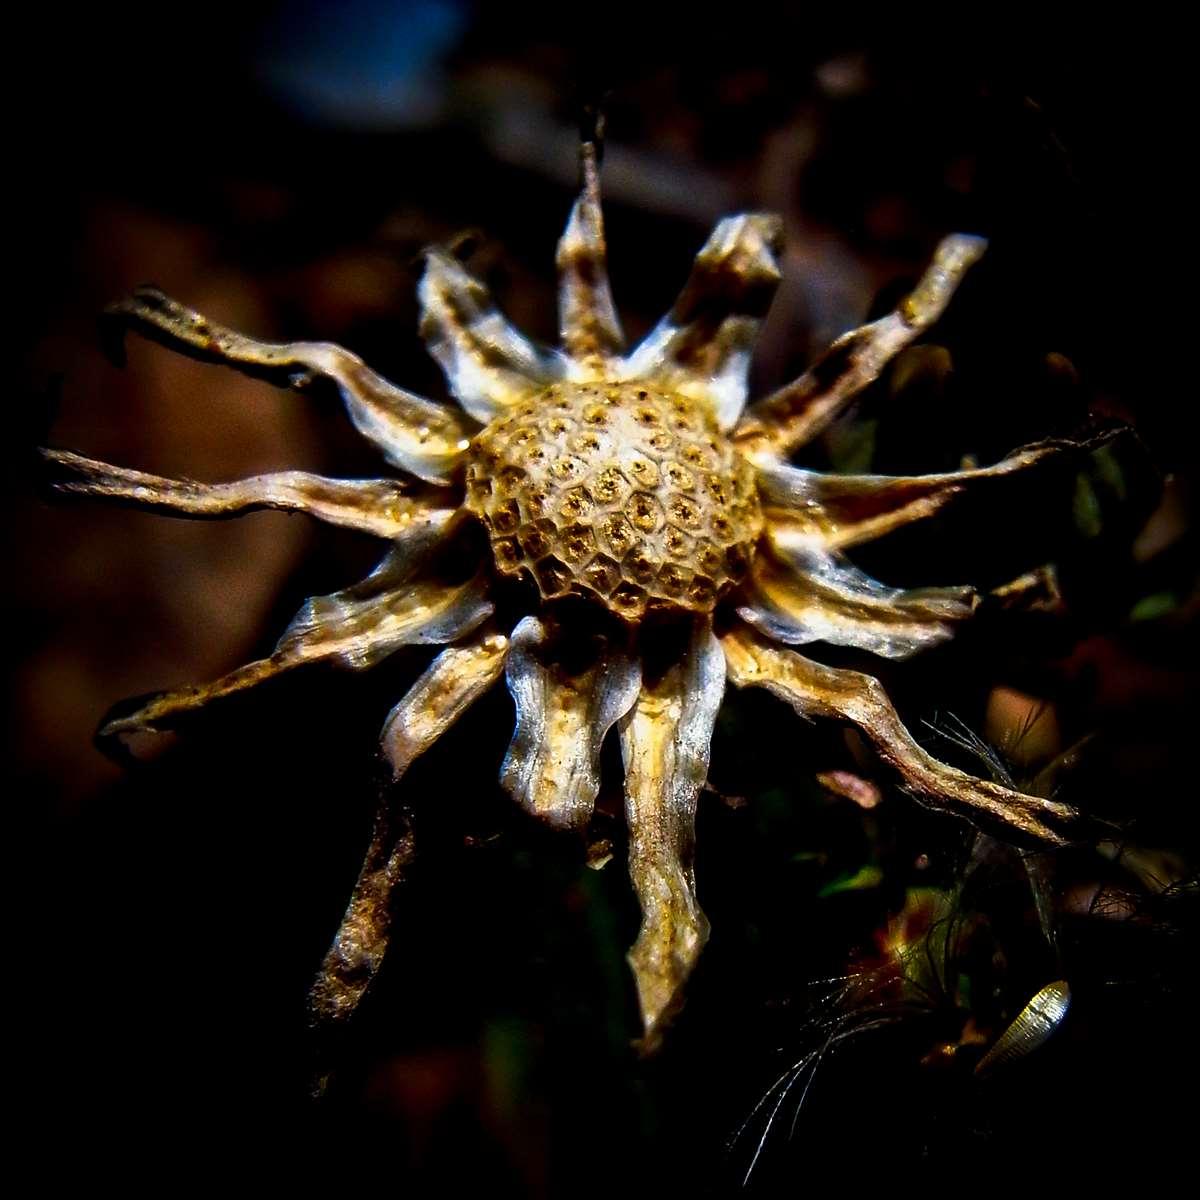 Old Dandelion became a Sun King